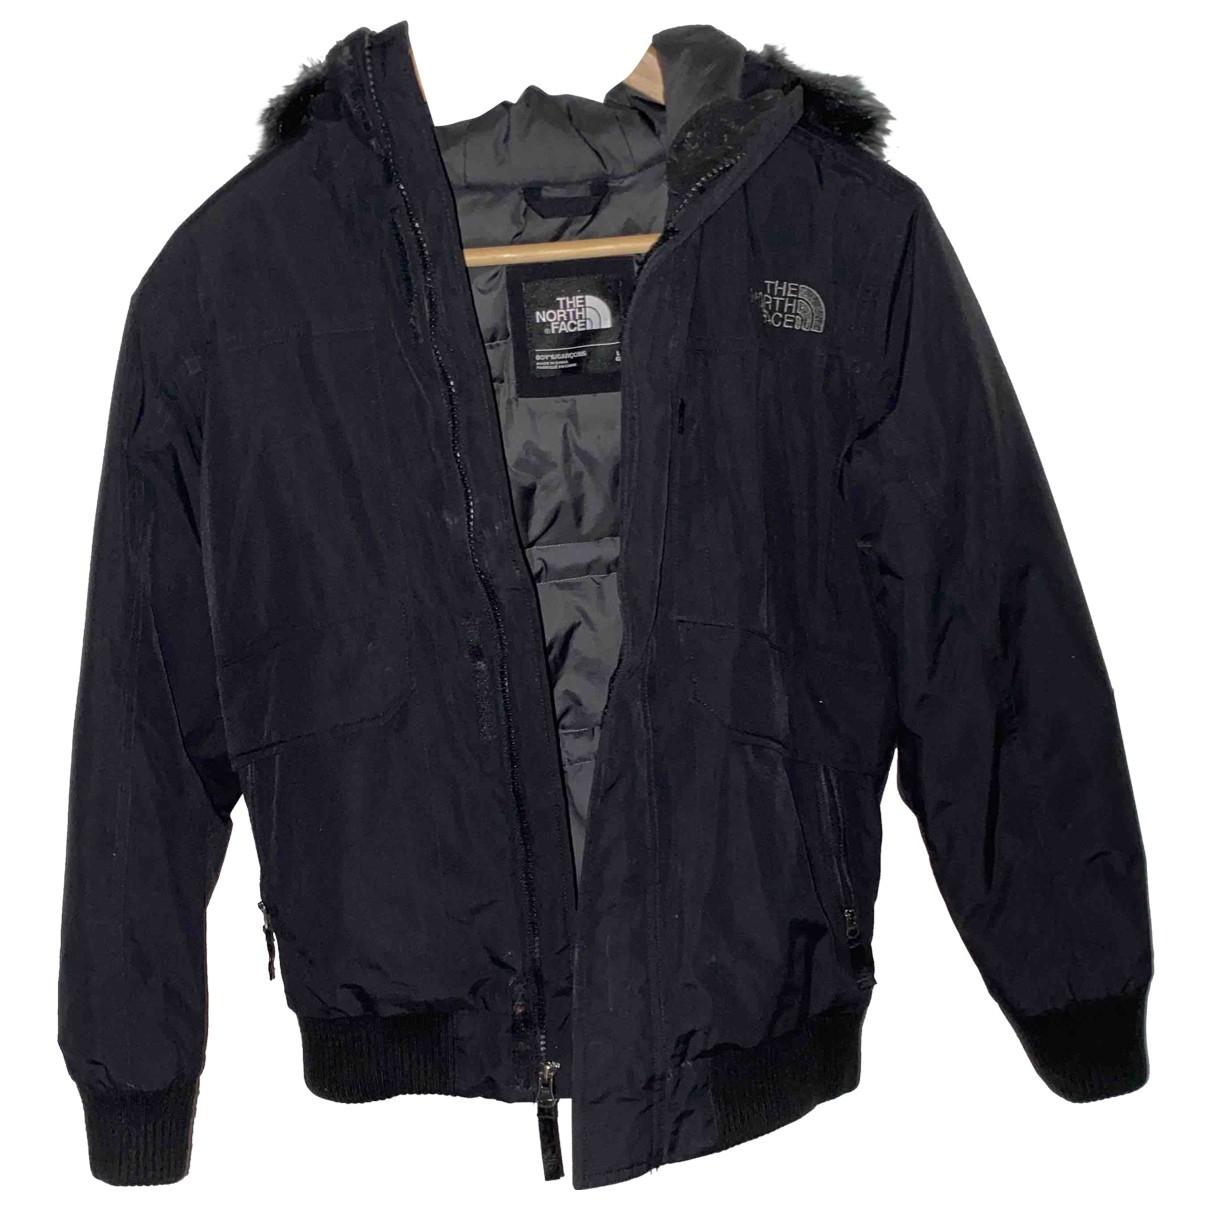 The North Face - Manteau   pour homme - noir